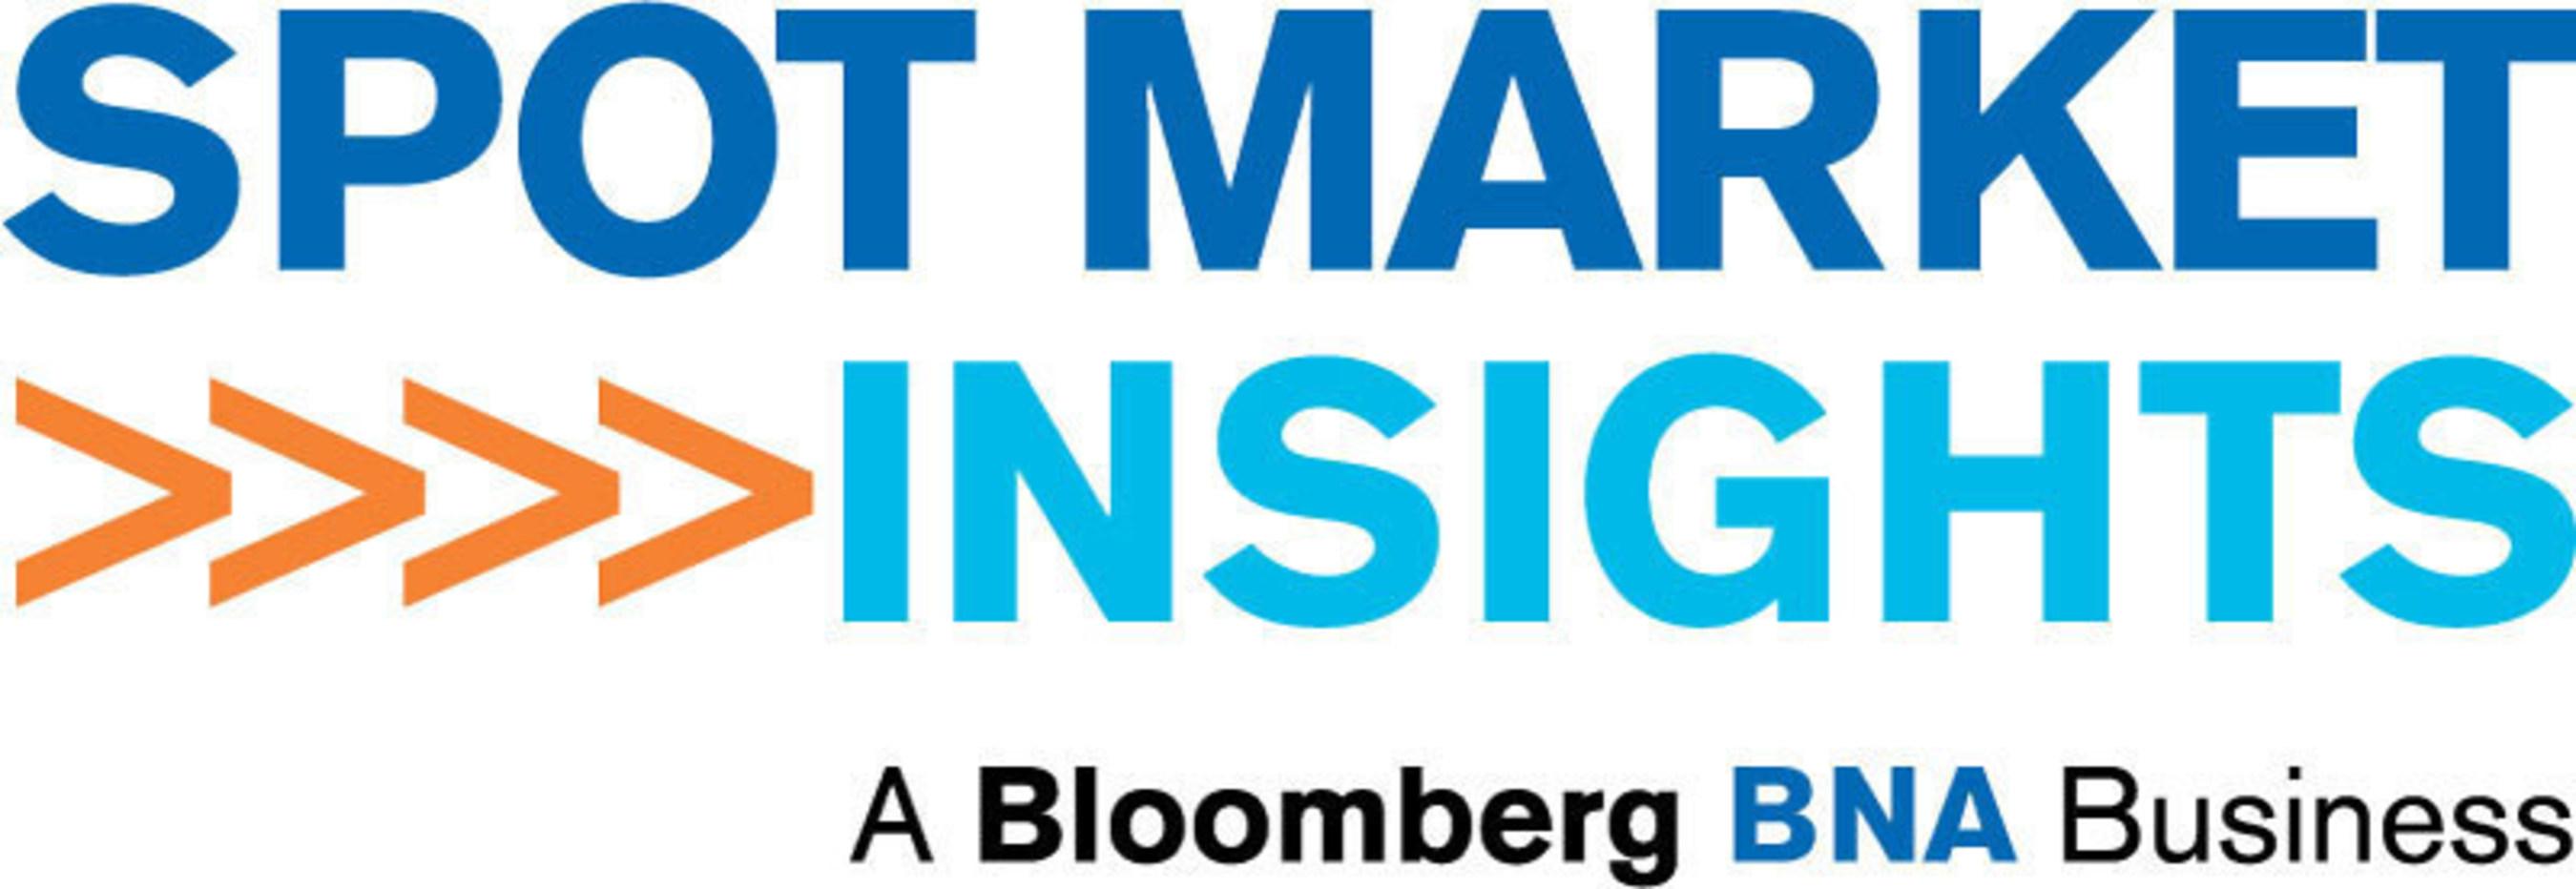 Spot Market Insights - SpotMarketInsights.com